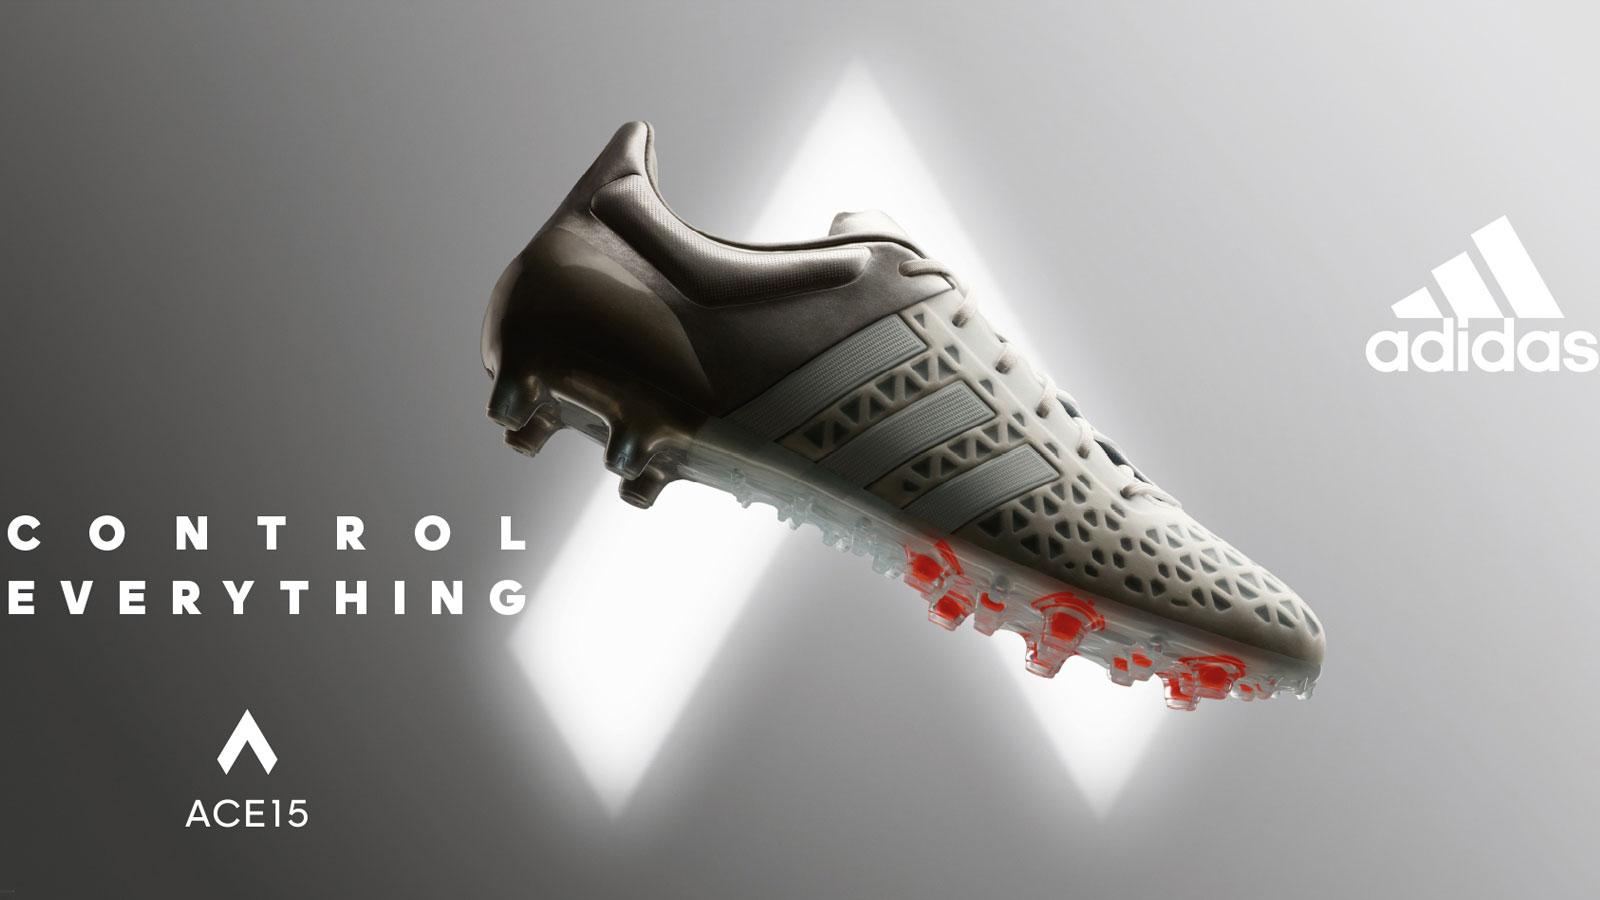 Adidas Ace 15.1 FG/AG white